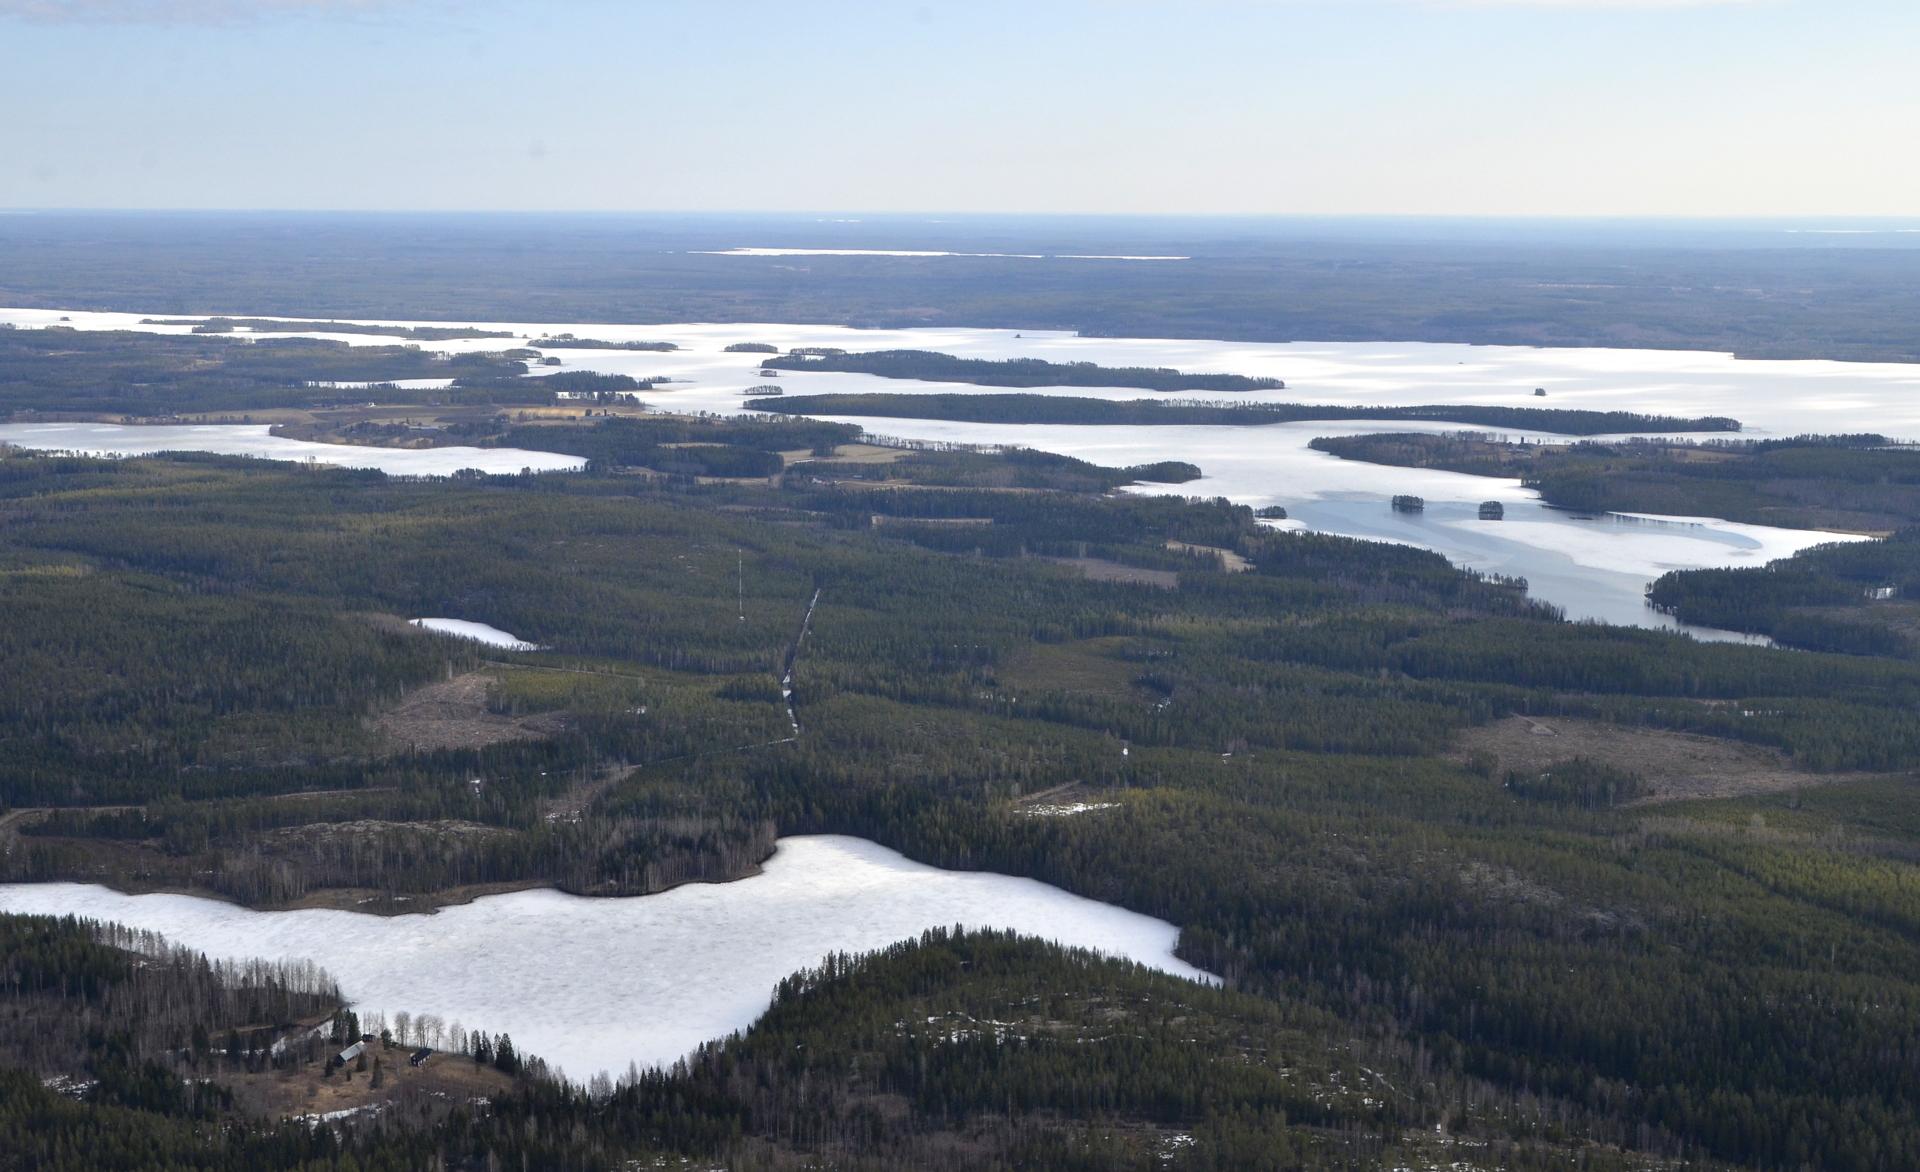 Rauskajärvi, Oikealla Koliman sula Koskilahti Kärnänkosken niskalla. Oikealla taaempana Matoselkä.